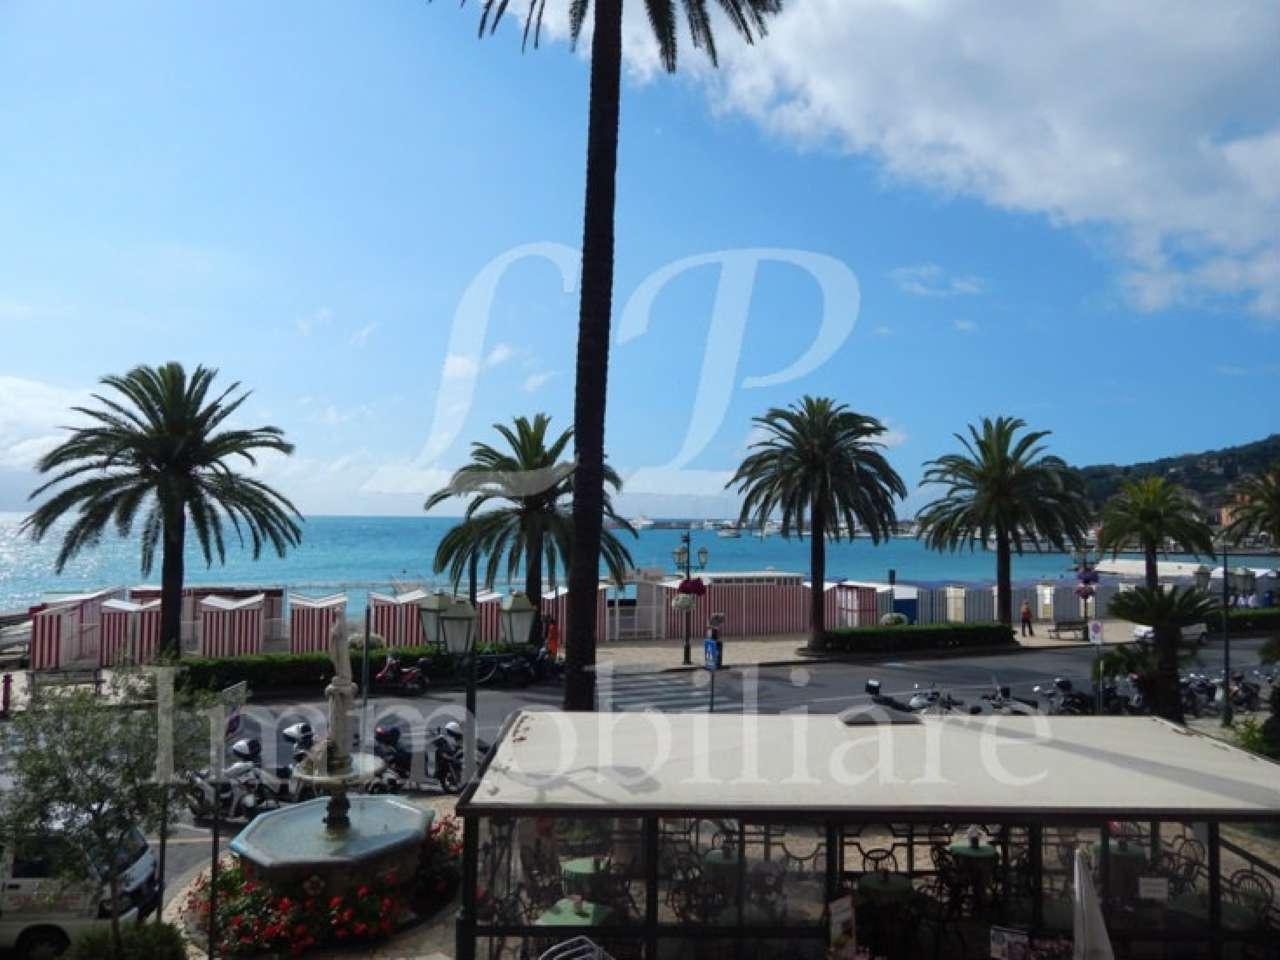 Appartamento in affitto a Santa Margherita Ligure, 4 locali, Trattative riservate | Cambio Casa.it